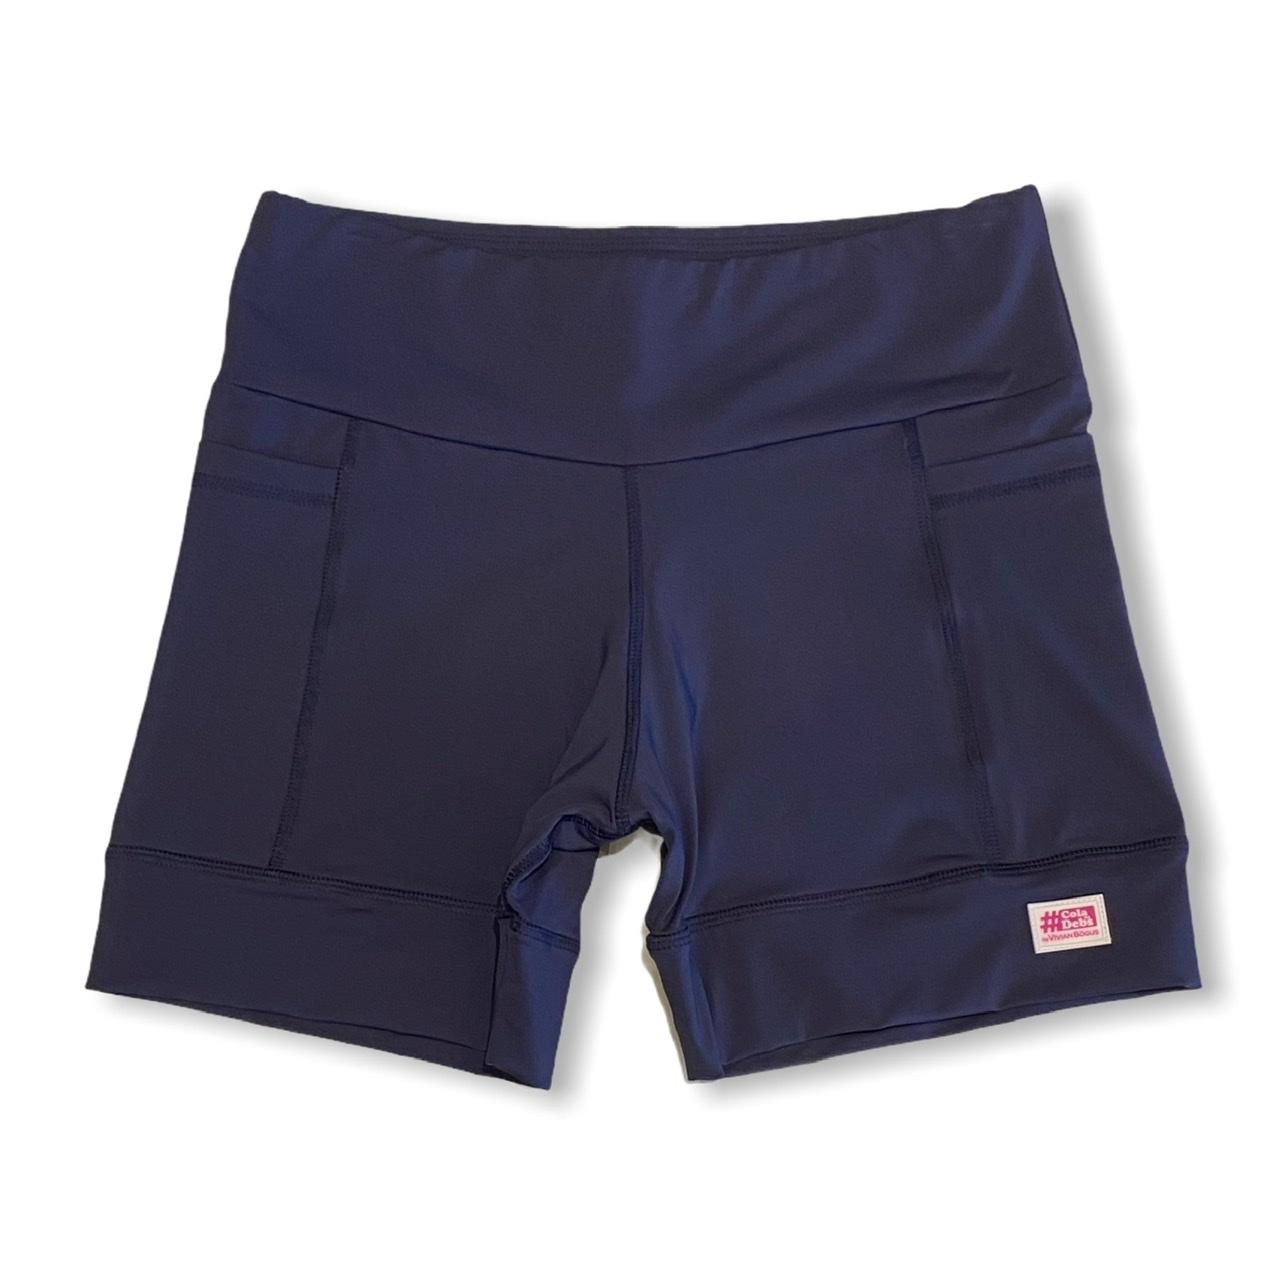 Shorts de compressão 2 bolsos laterais Square em sportiva azul marinho  - Vivian Bógus